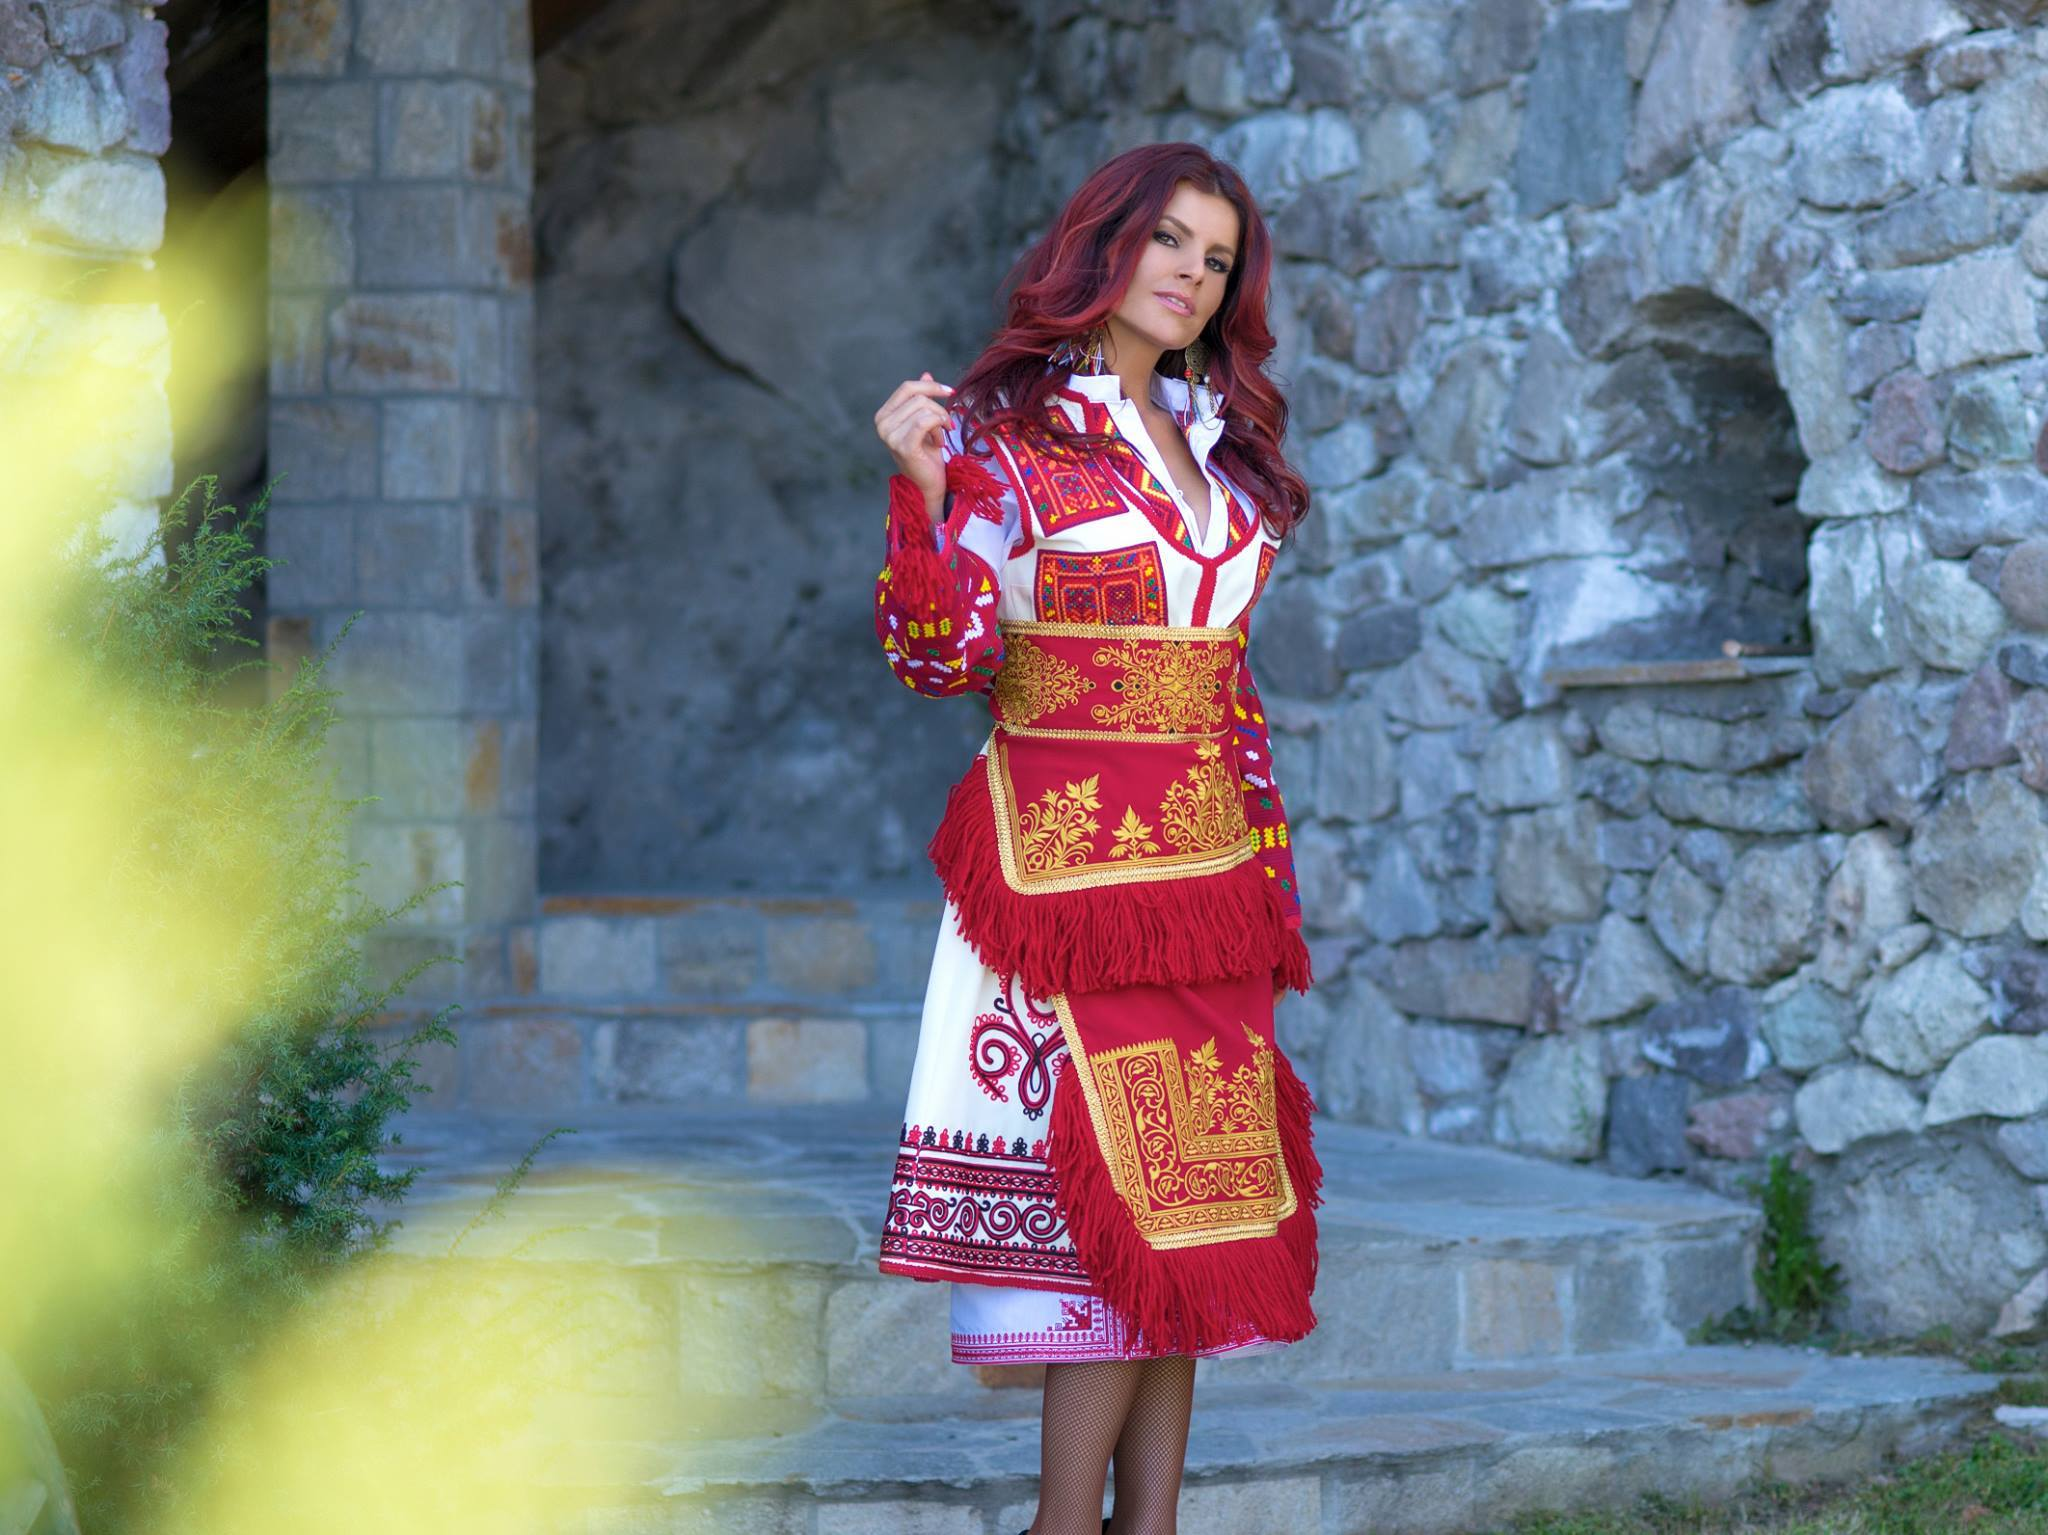 c41001a8313 БЪЛГАРСКИ НАРОДНИ НОСИИ ОТ МЕЛИ - М в Пловдив - Golden Pages